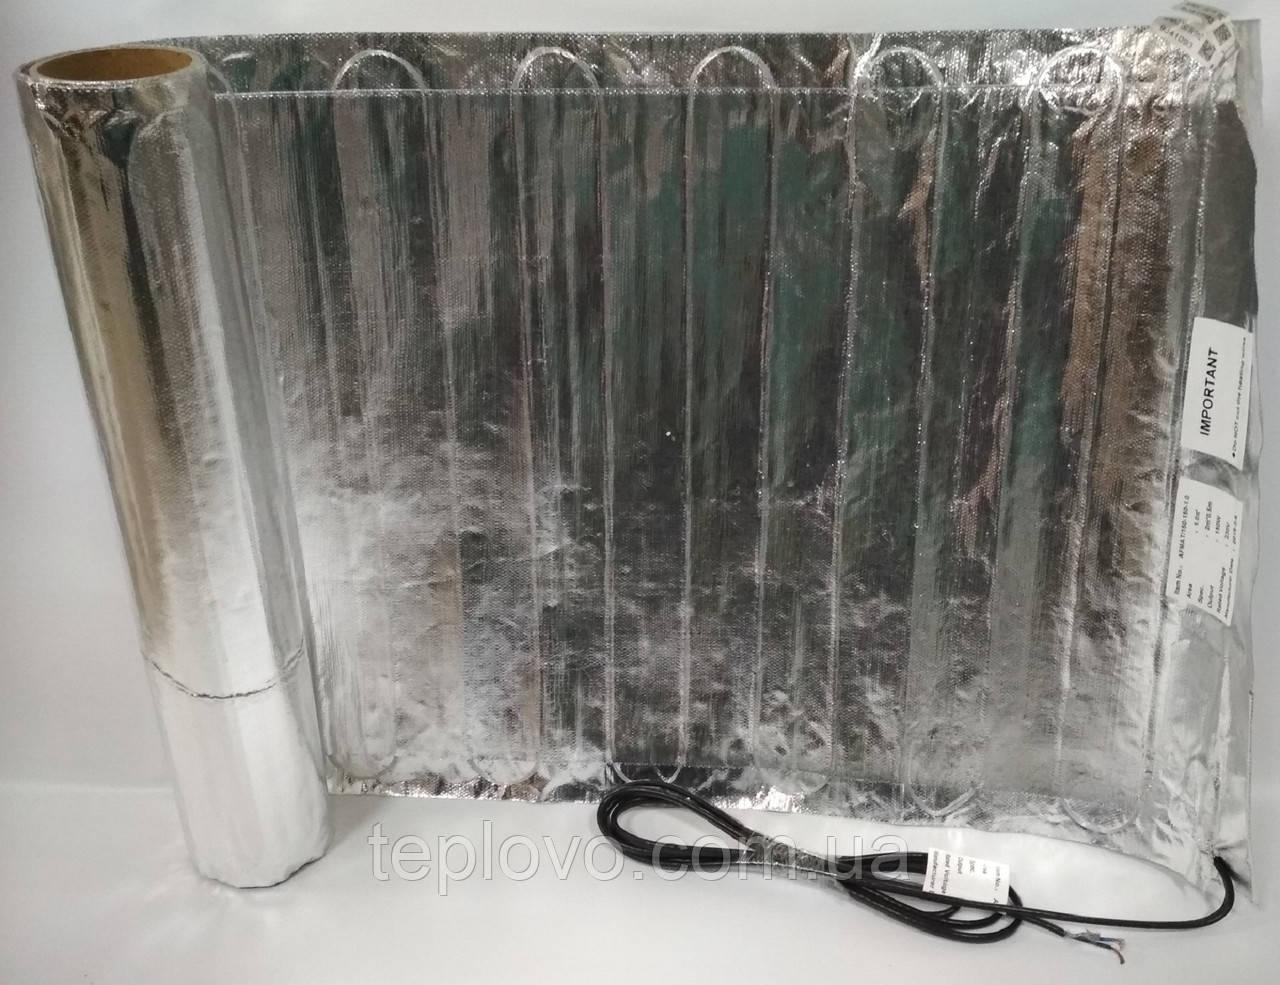 Алюминиевый мат IN-THERM AFMAT 11,0 м2 (1650 Вт), теплый пол под ламинат